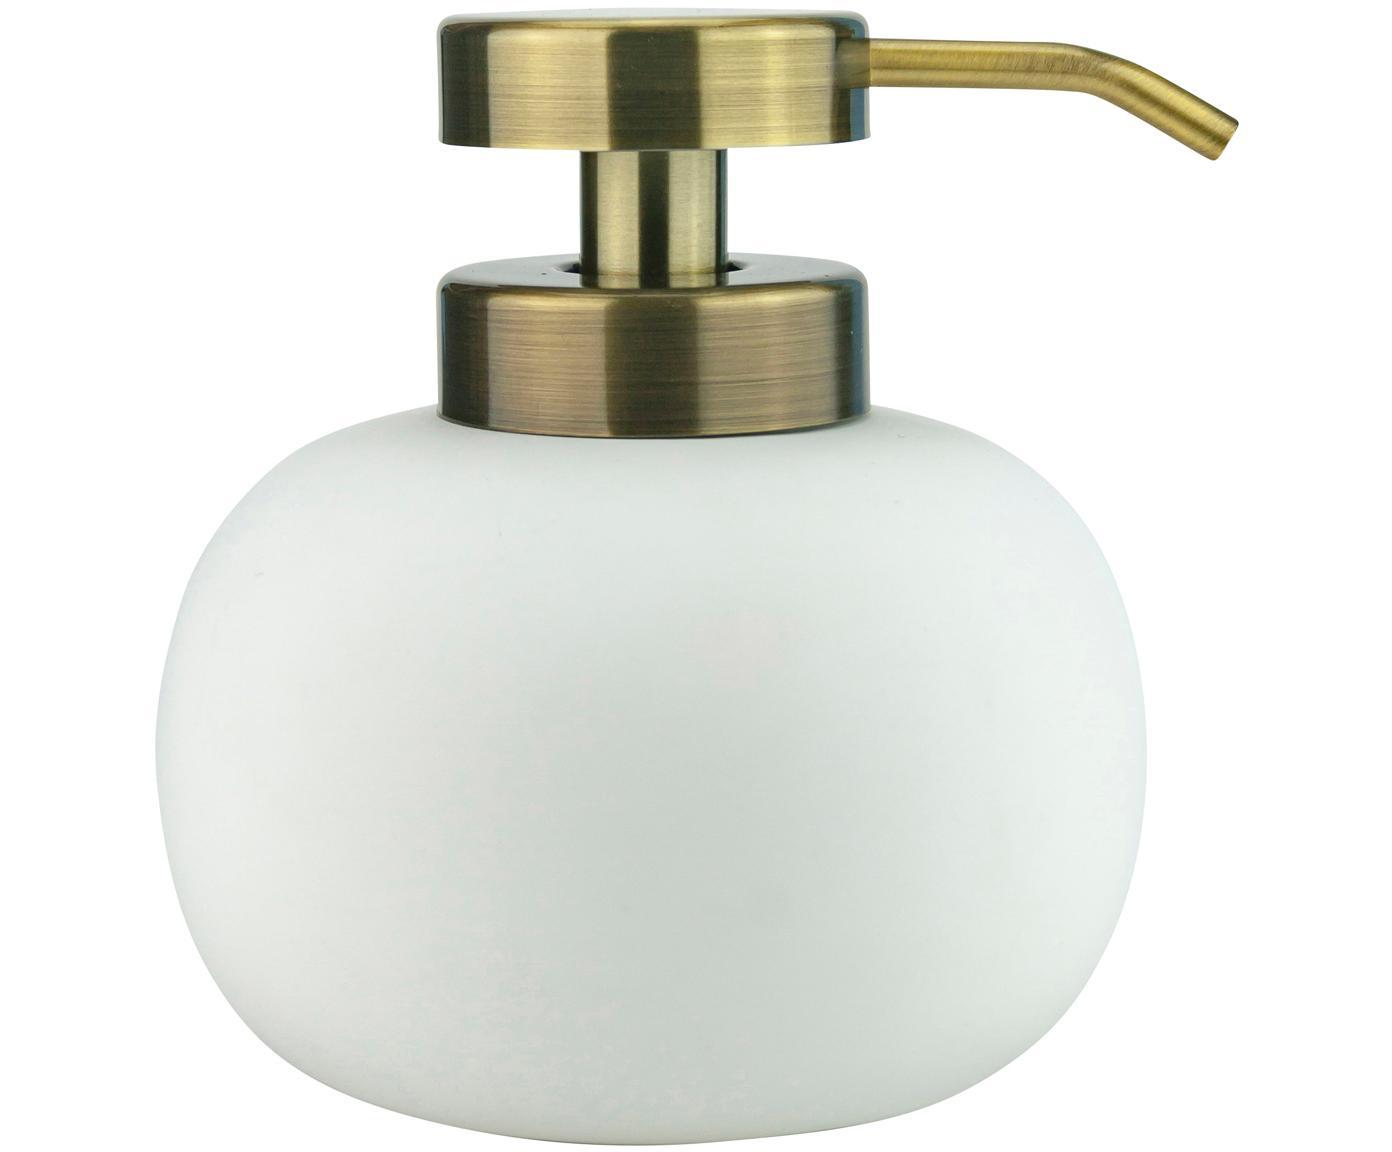 Dozownik do mydła Lotus, Biały, mosiężny, Ø 11 x W 13 cm